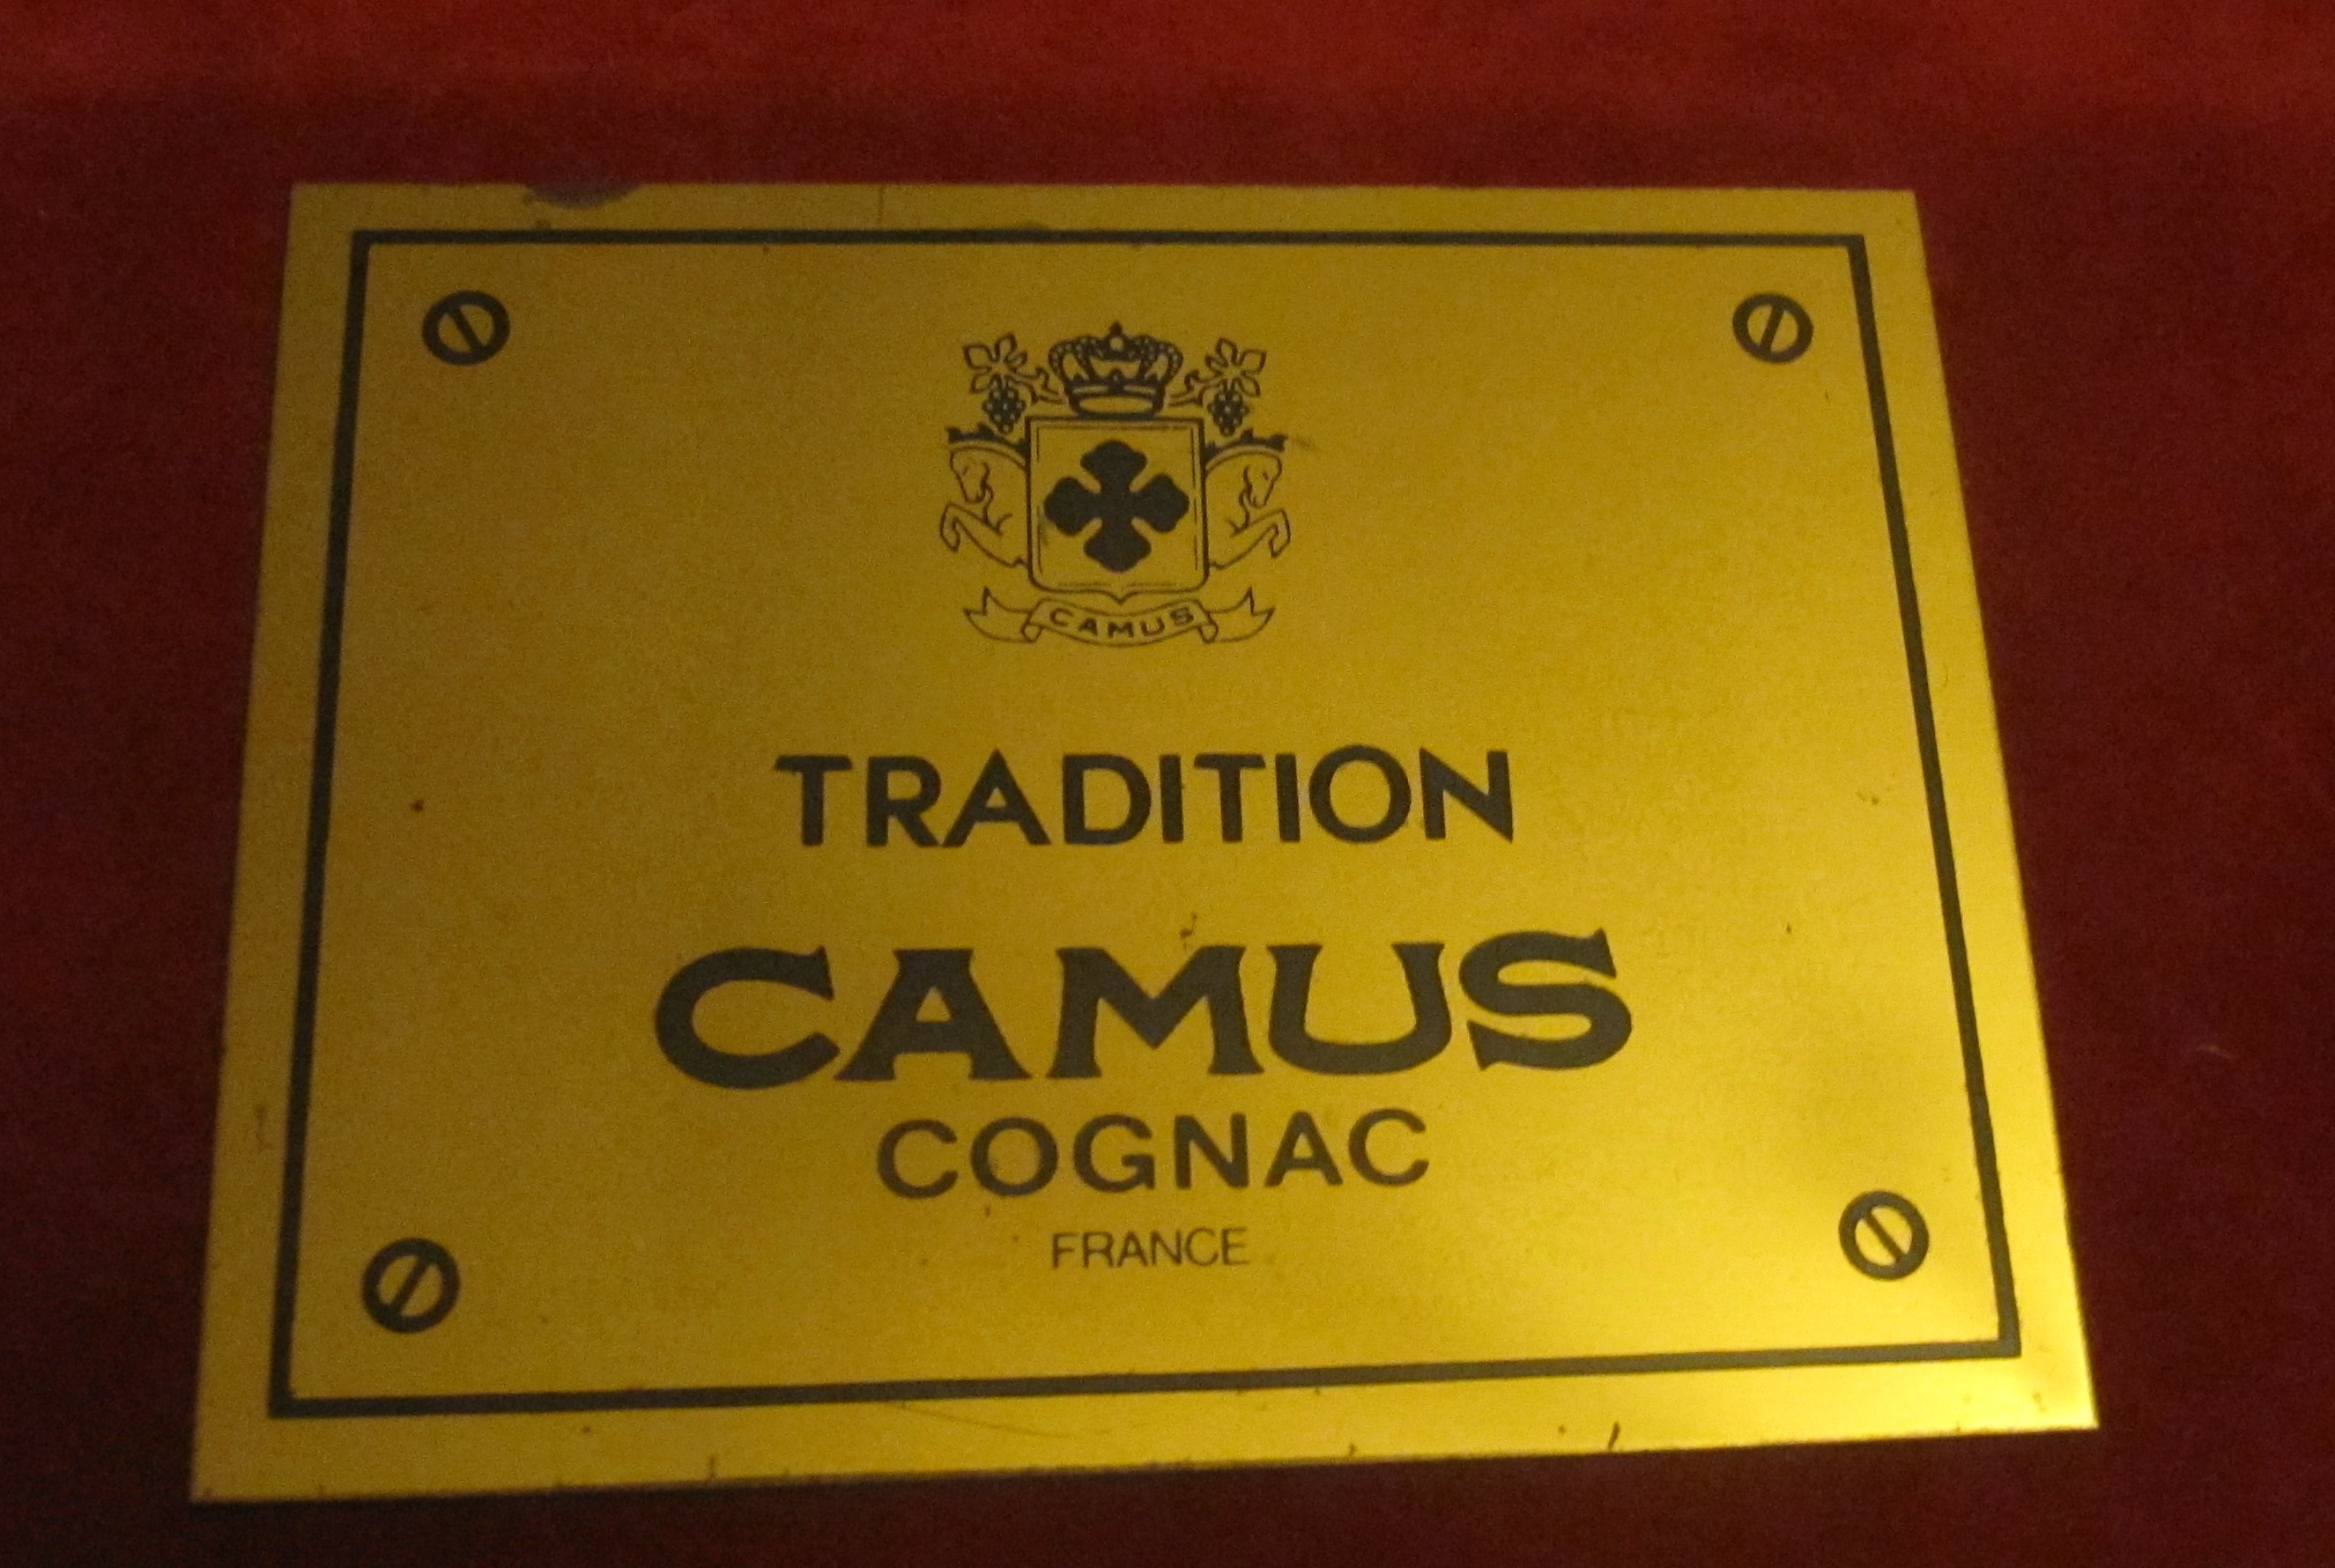 Camus Tradition